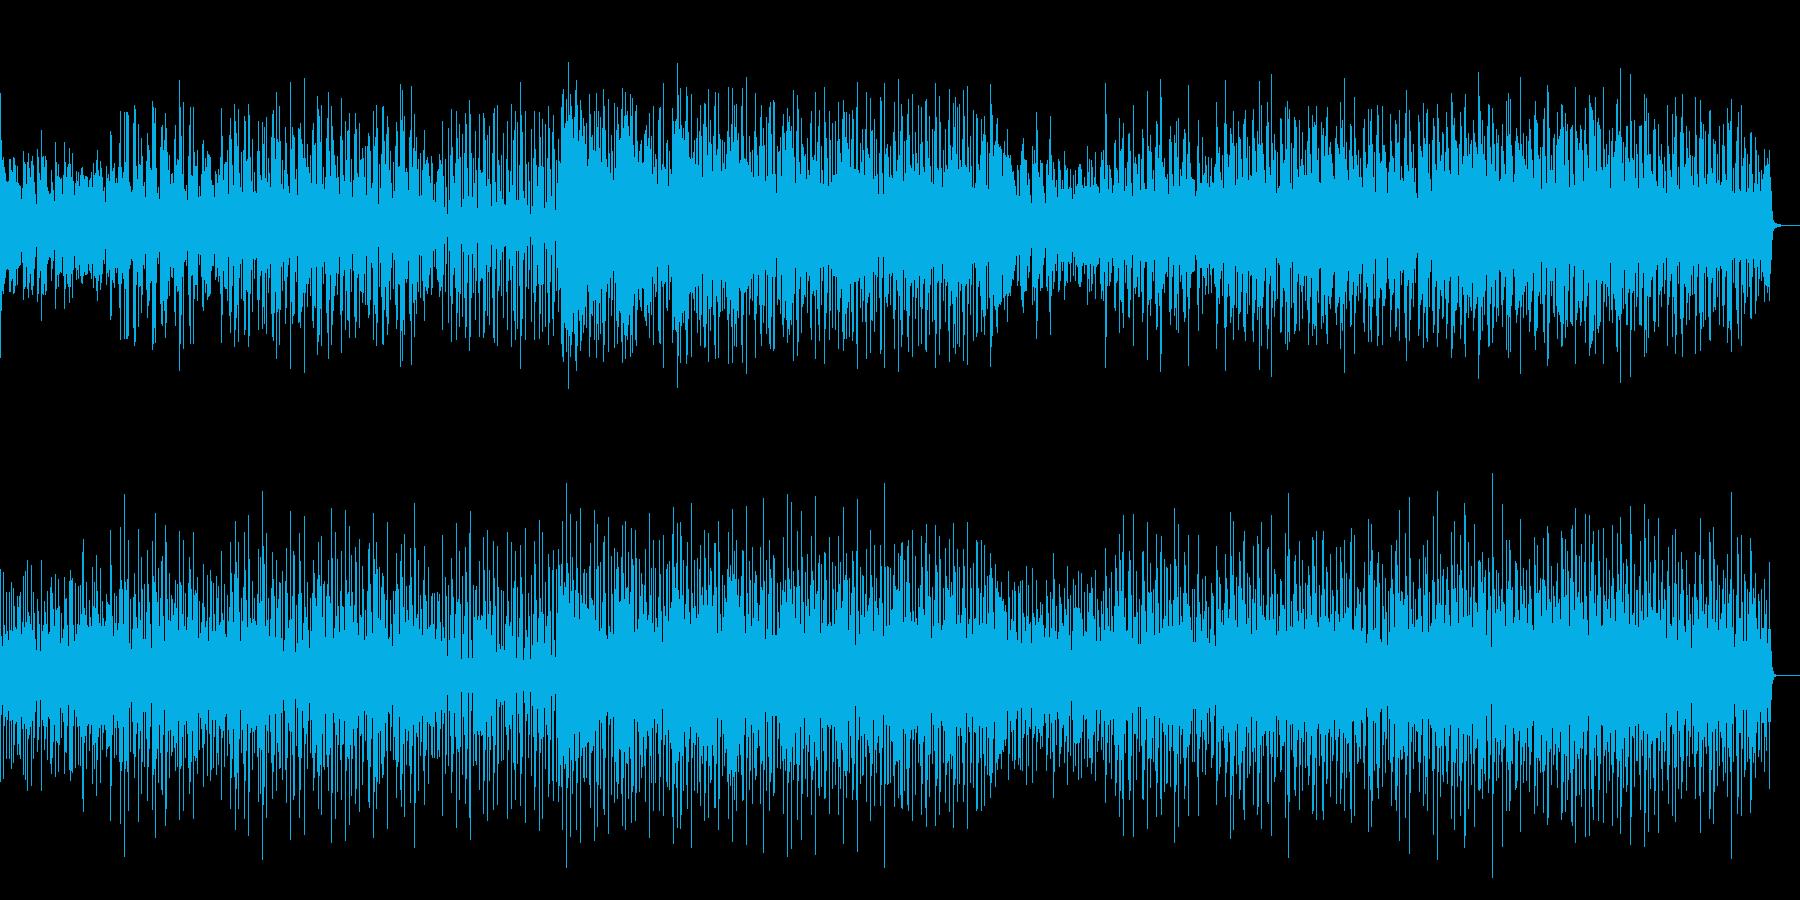 リズム感のある親しみやすいテクノの再生済みの波形